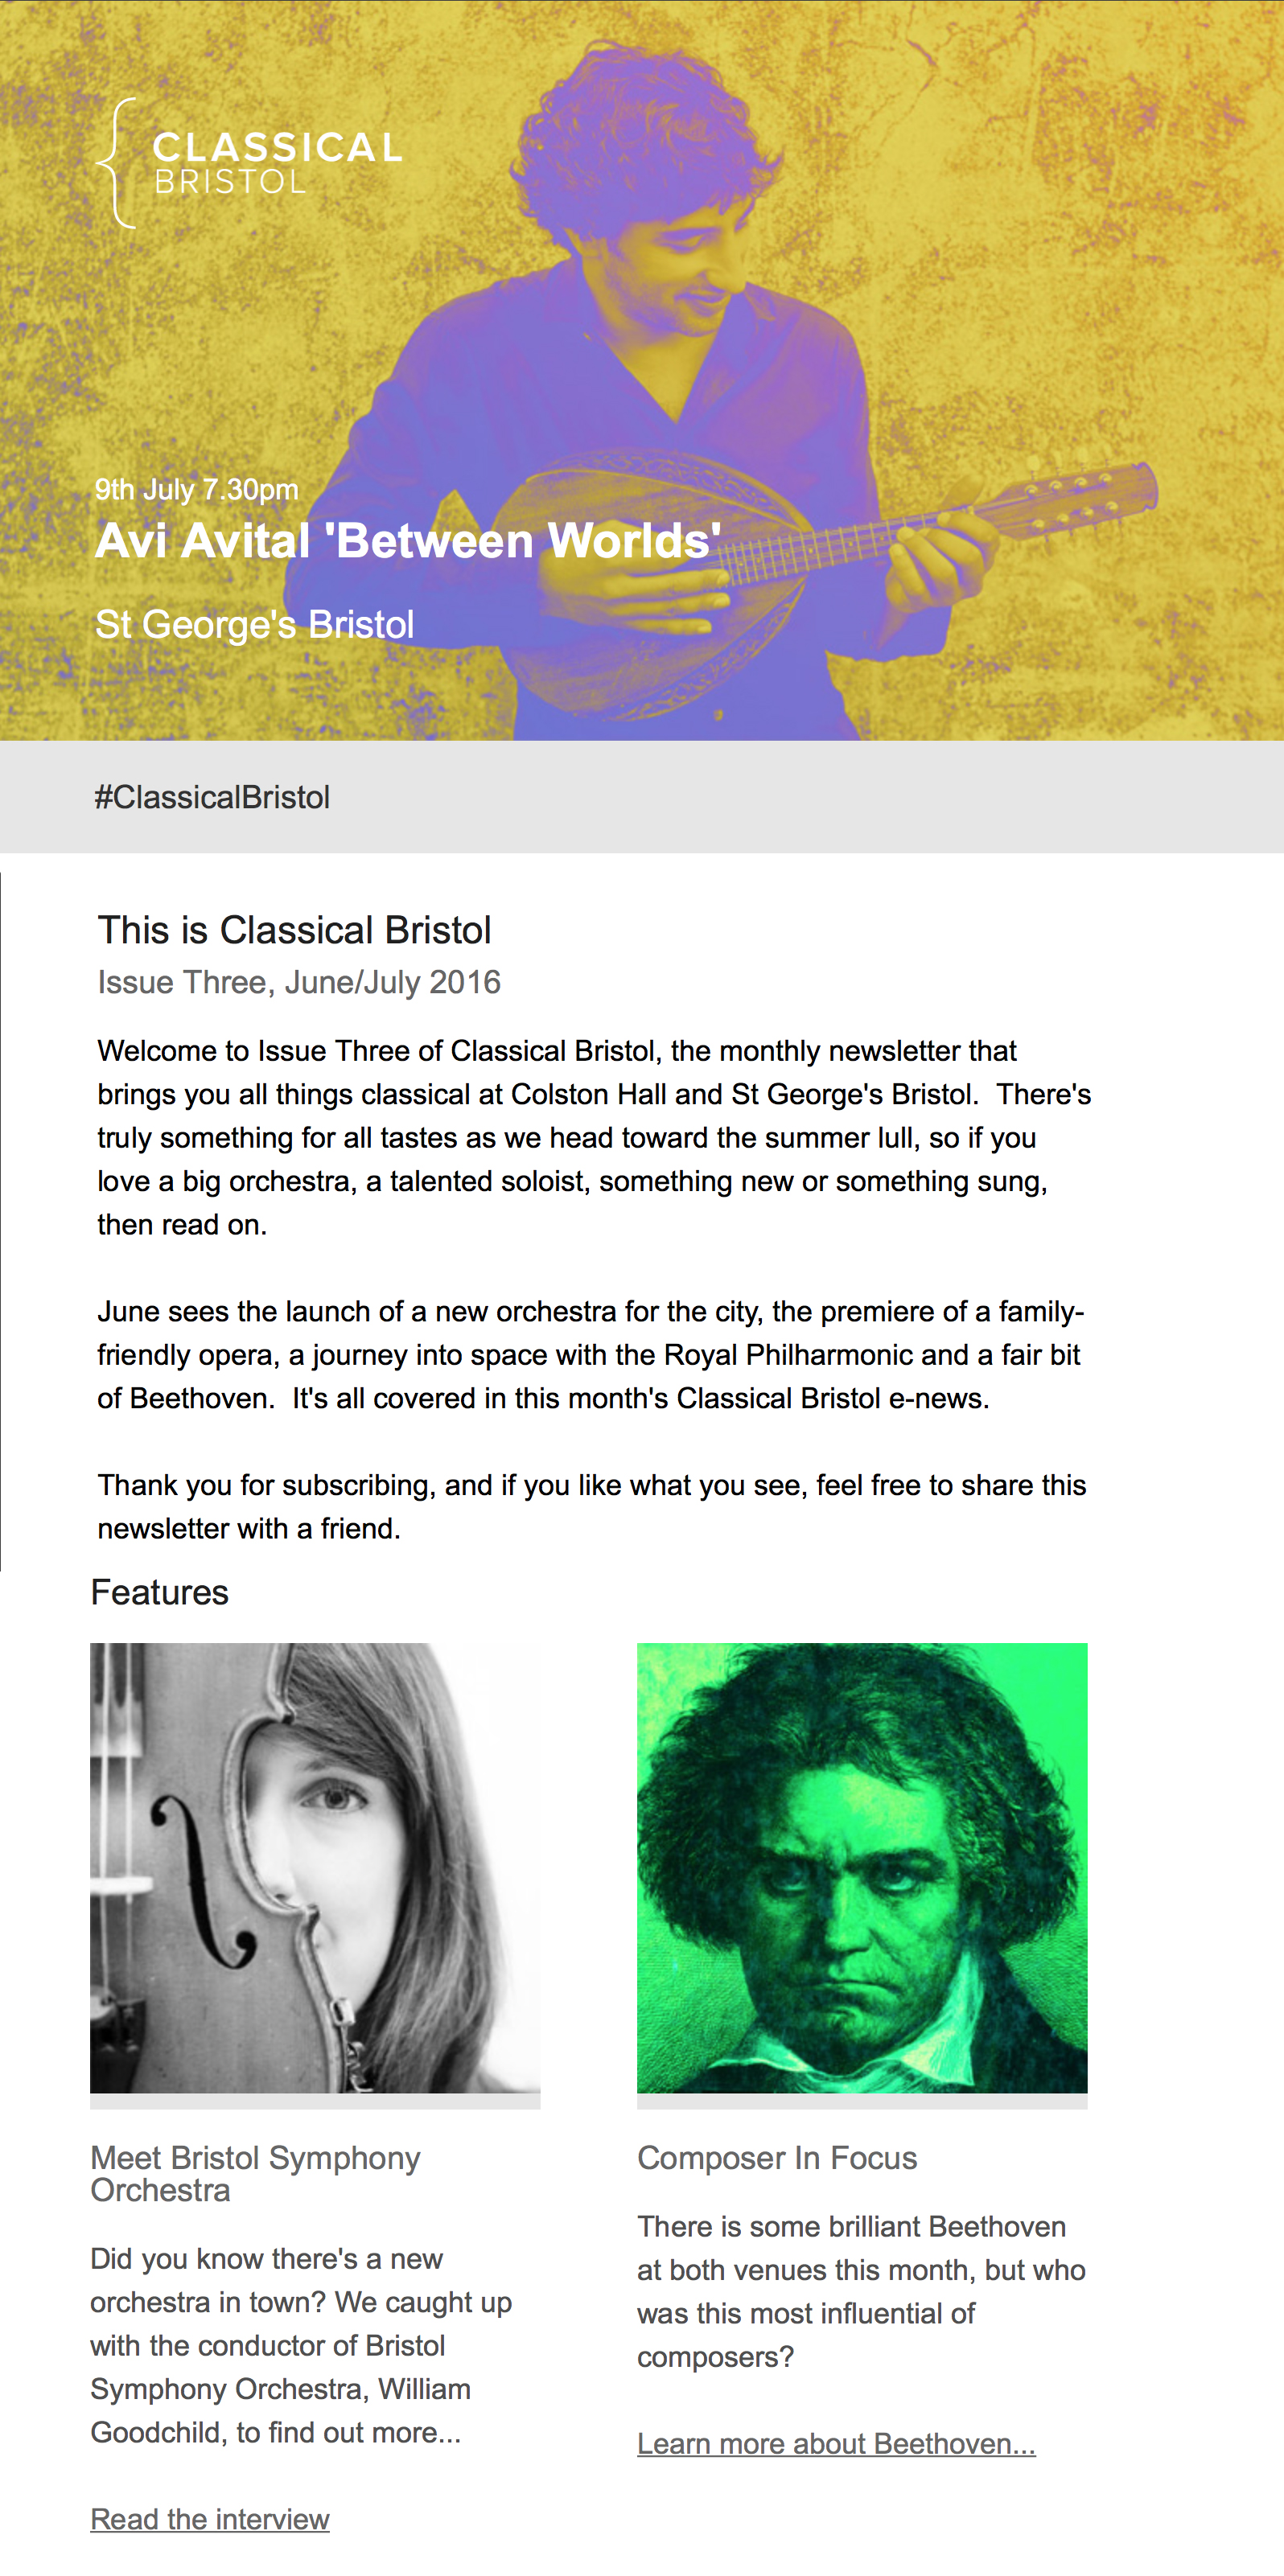 Classical Bristol